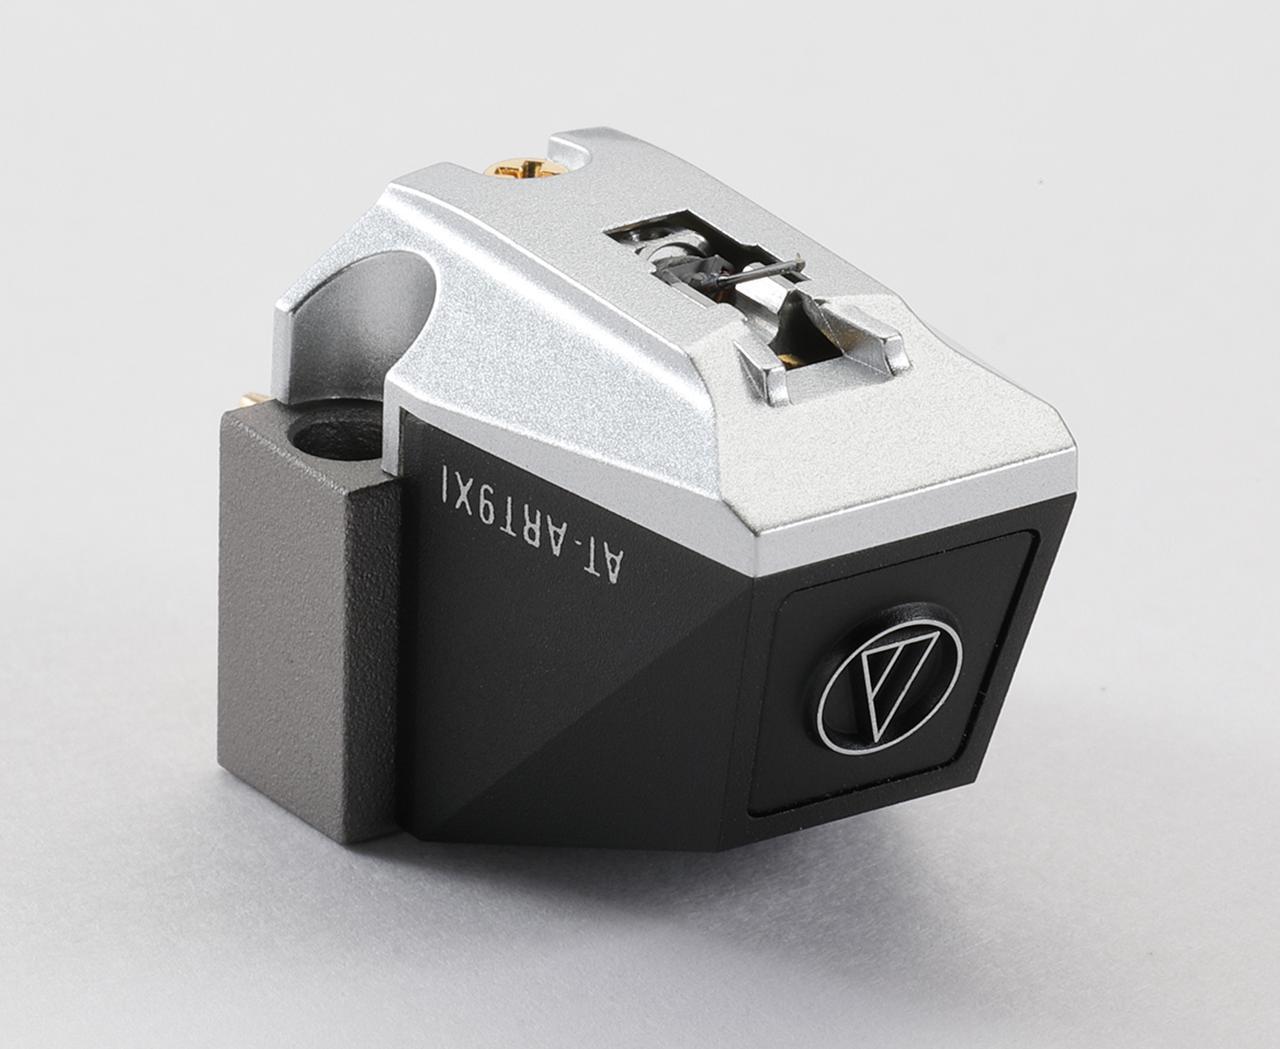 画像: オーディオテクニカ AT-ART9XI  ¥150,000 ●発電方式:MC型●出力電圧:0.5mV(1kHz、5cm/sec) ●内部インピーダンス:12Ω ●適正針圧:1.6g〜2g(1.8g標準) ●自重:8.5g●針交換価格¥105,000 ●問合せ先:(株)オーディオテクニカ